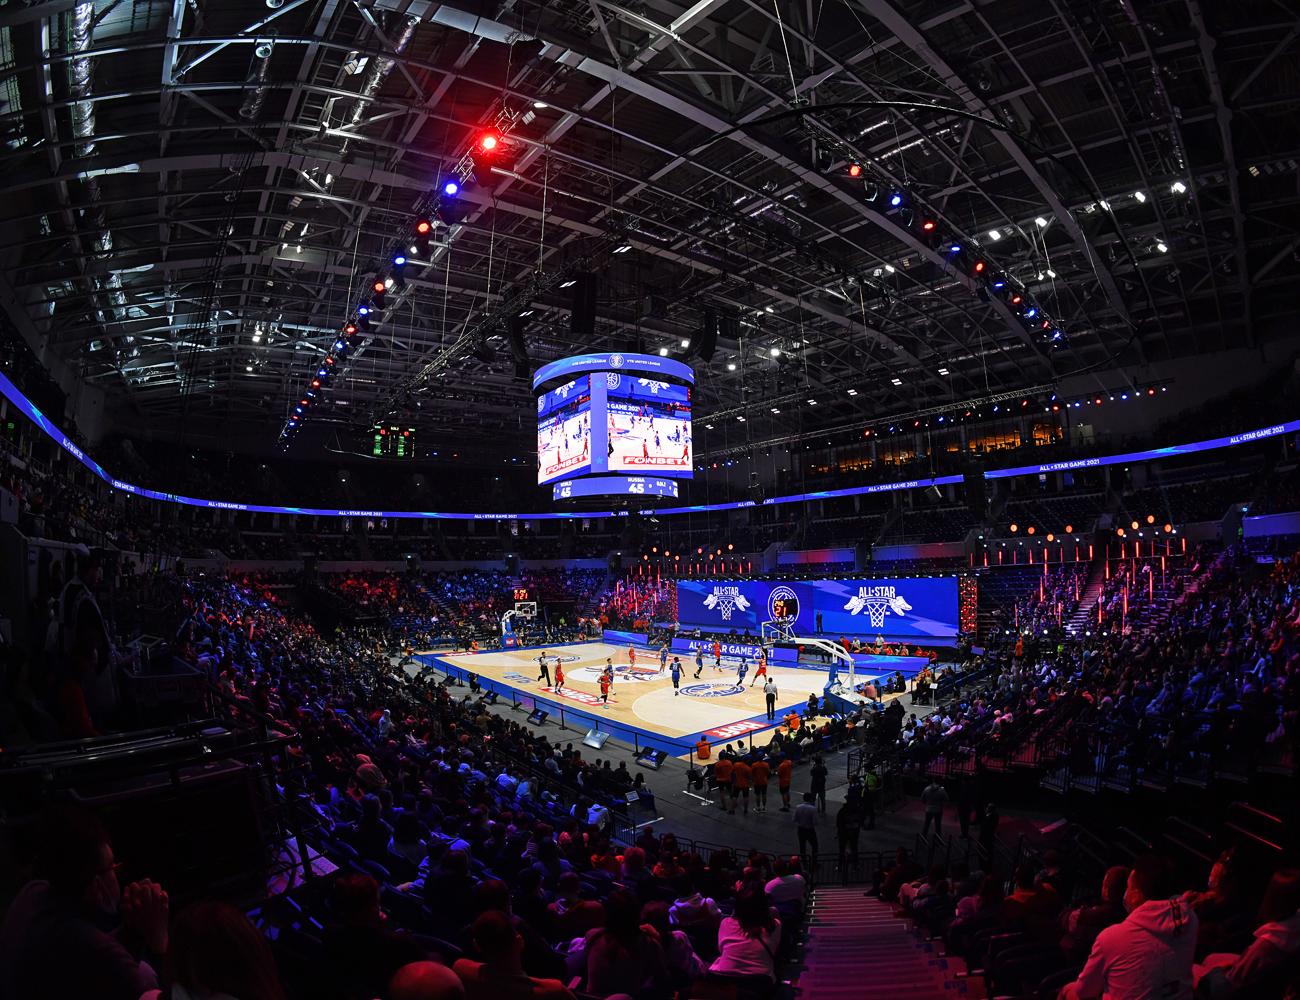 Матч Всех Звезд-2022 пройдет 20 февраля в Москве